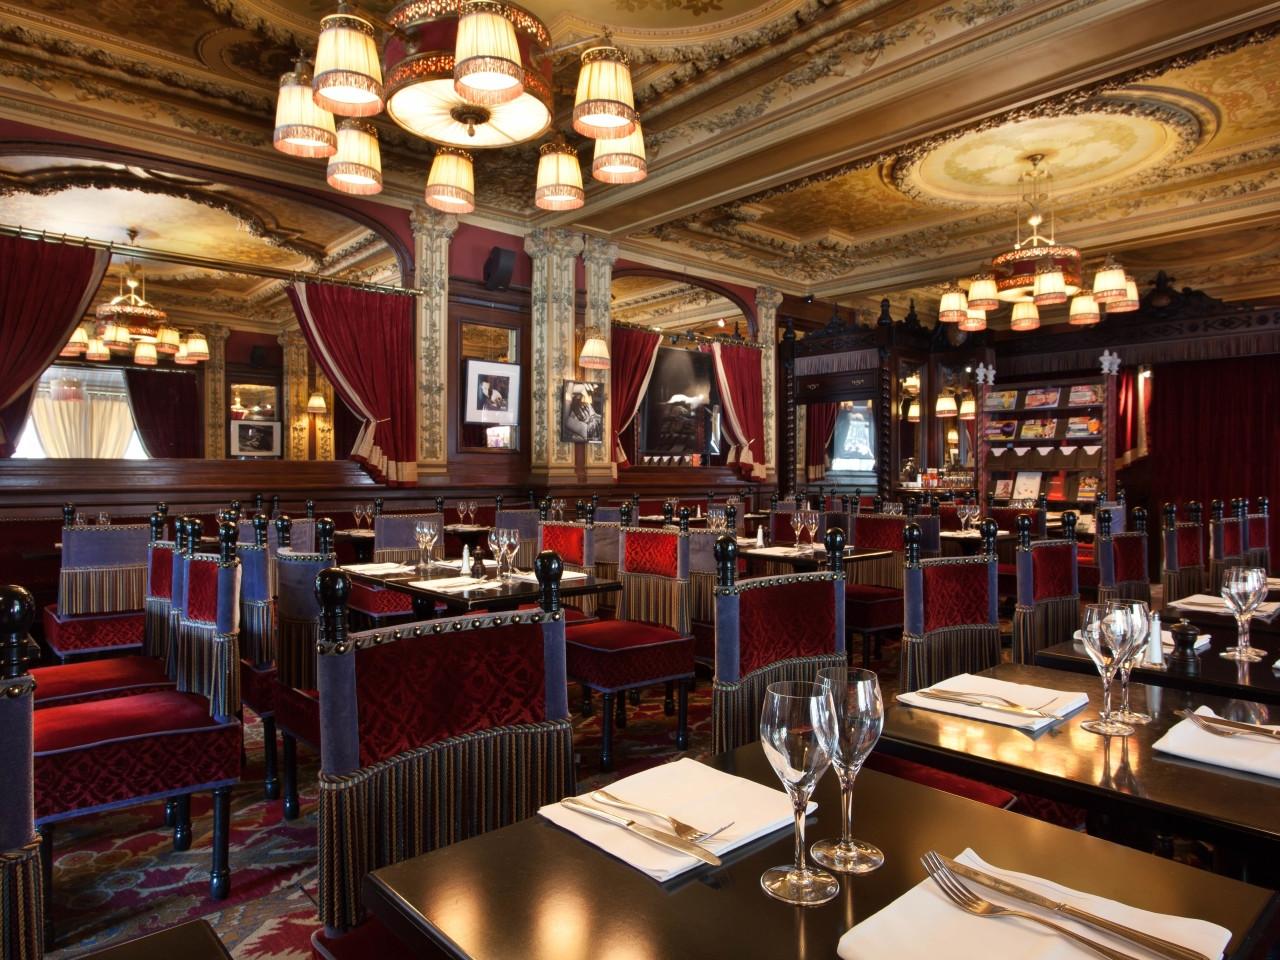 Brasserie alsaziana Zimmer - Ristoranti storici consigliati a Parigi